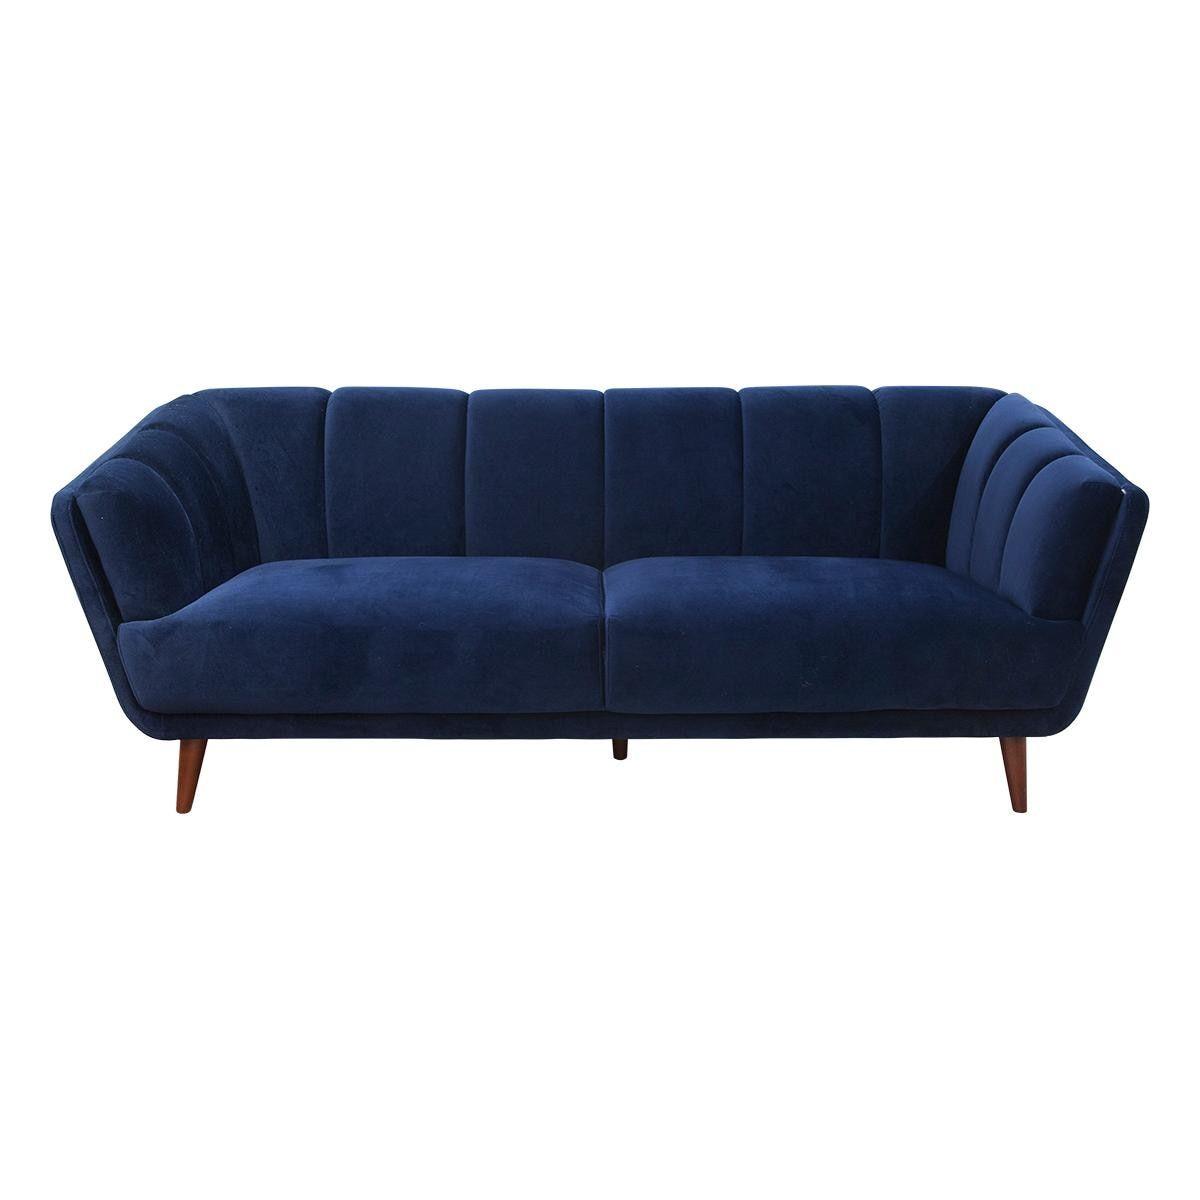 Awe Inspiring Urban Chic Velvet Sofa In Midnight Nebraska Furniture Mart Short Links Chair Design For Home Short Linksinfo